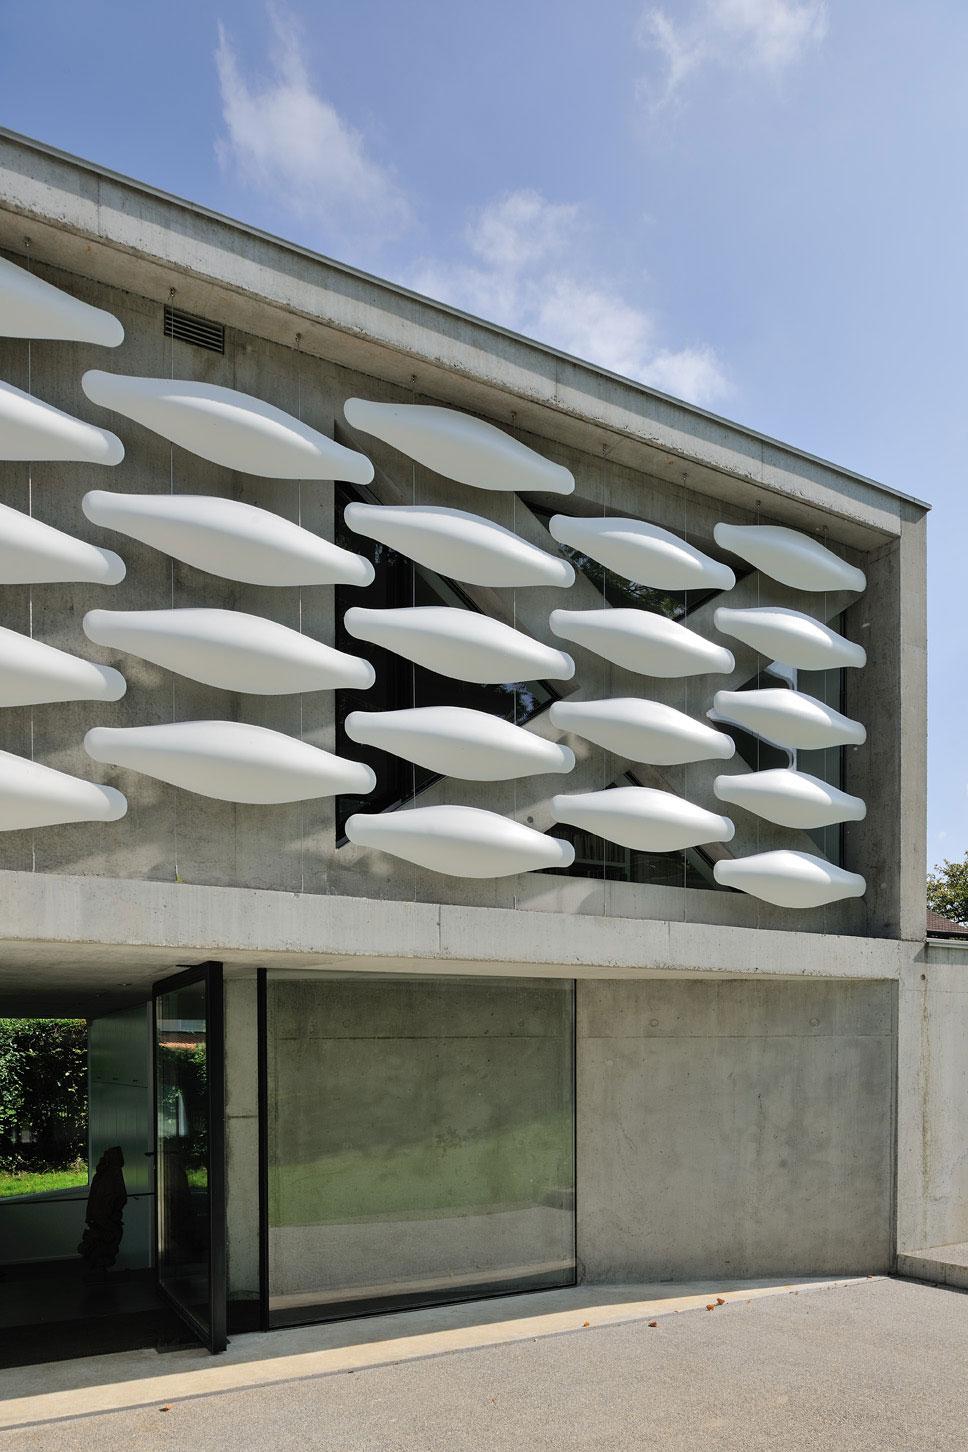 Maison au bord du lac 02 aum minassian architectes architecture maison contemporaine materiaux beton acier brut lac leman geneve haute savoie1